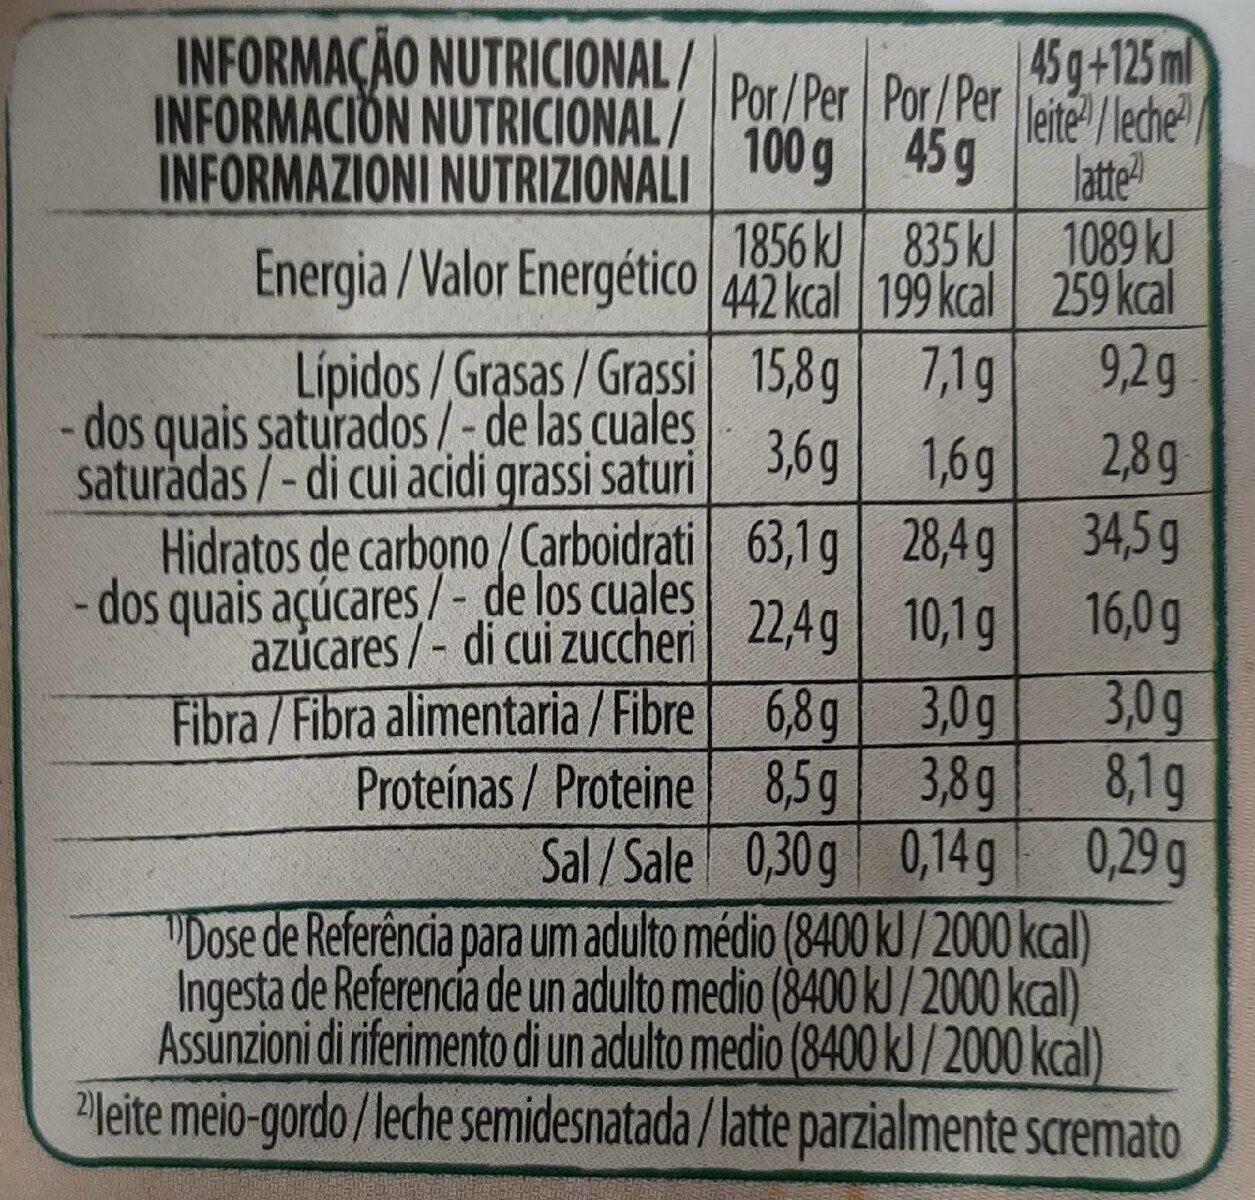 Copos de avena integral con pepitas de chocolate - Informação nutricional - es